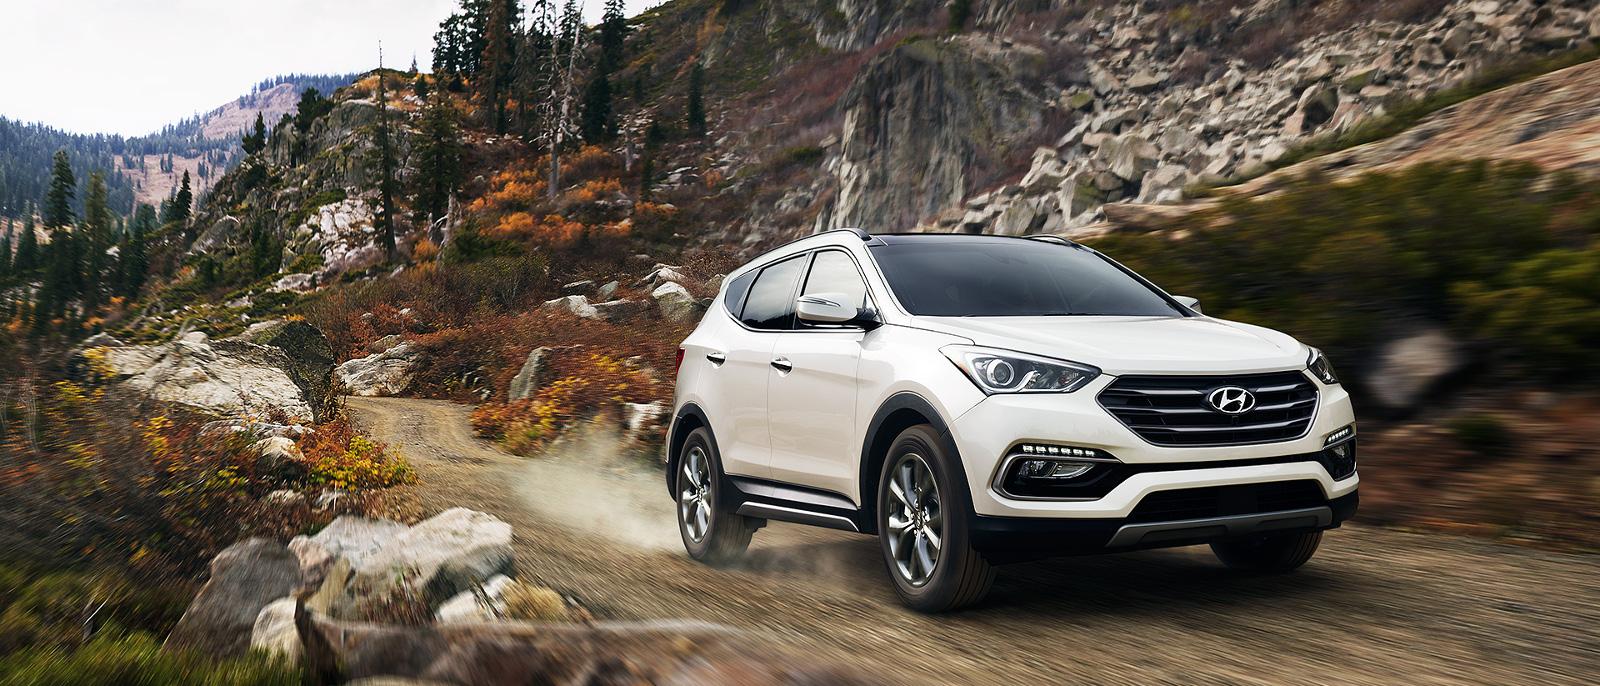 2017 Hyundai-Santa Fe Sport